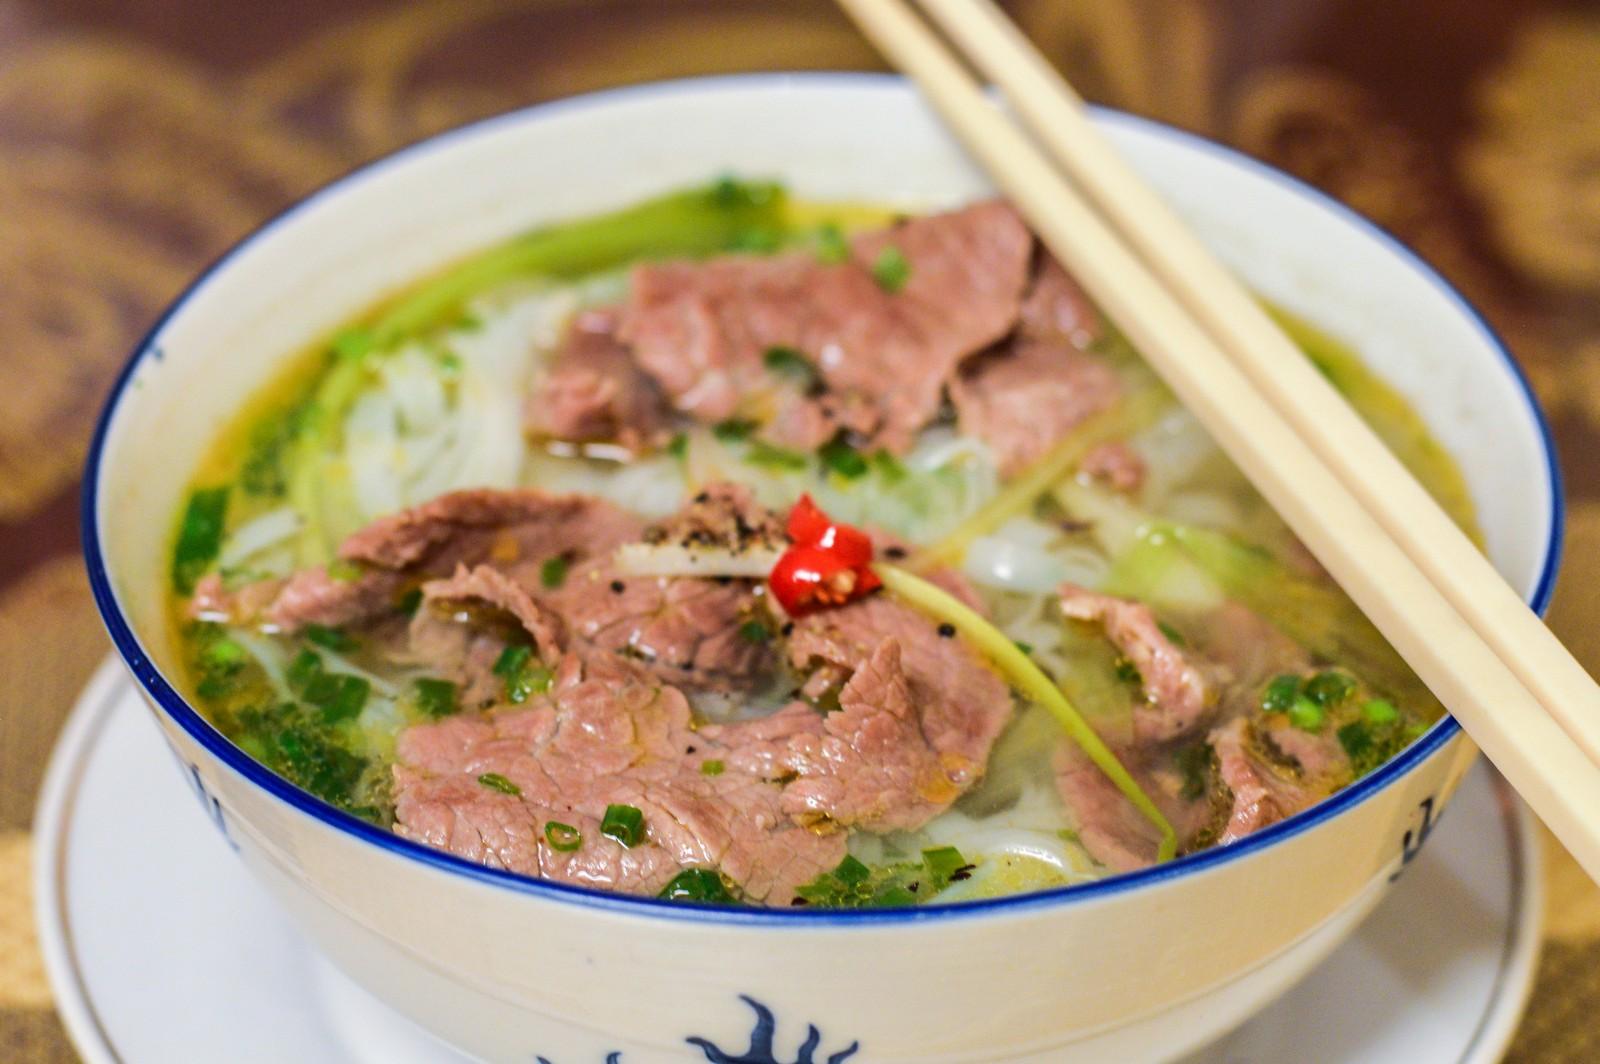 Či už horúca alebo pálivá z chilli, vietnamci si z toho ťažkú hlavu nerobia.